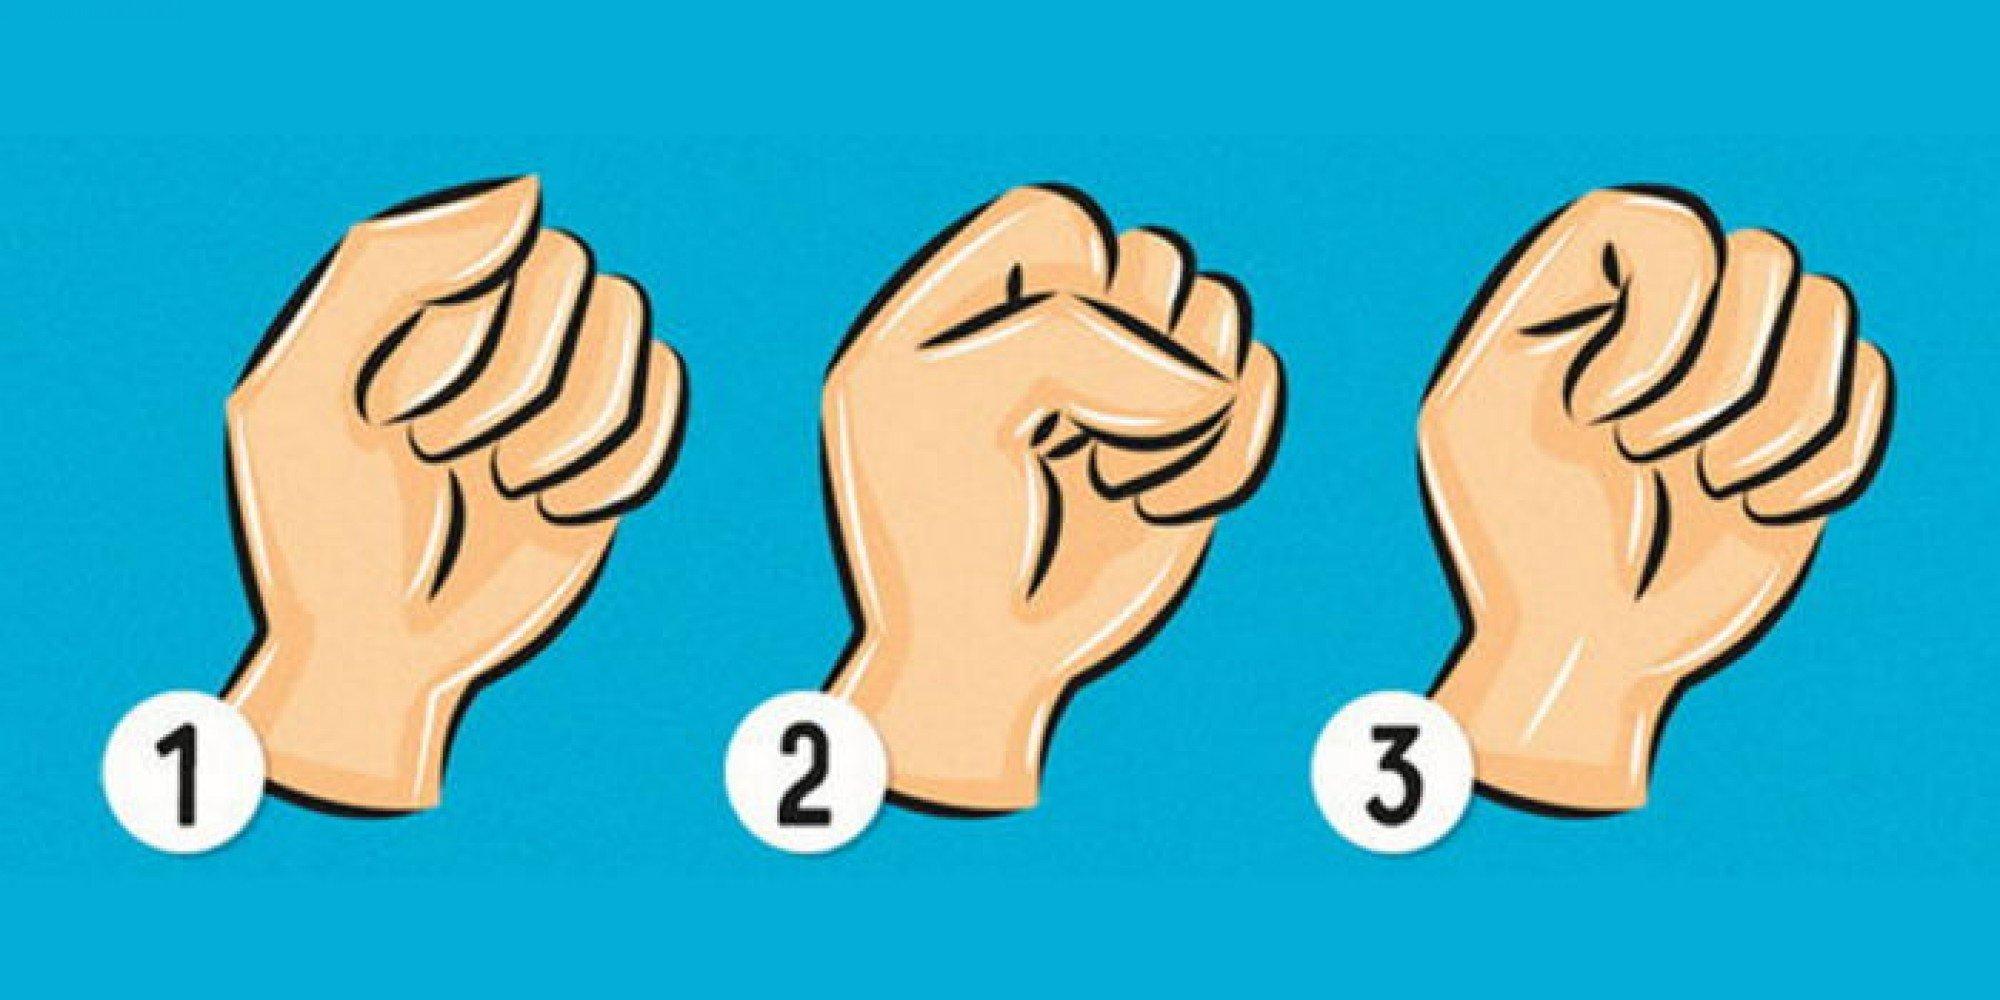 img 5a4c721144fc9.png?resize=1200,630 - 【性格テスト】拳の握り方で性格を知ることができる?